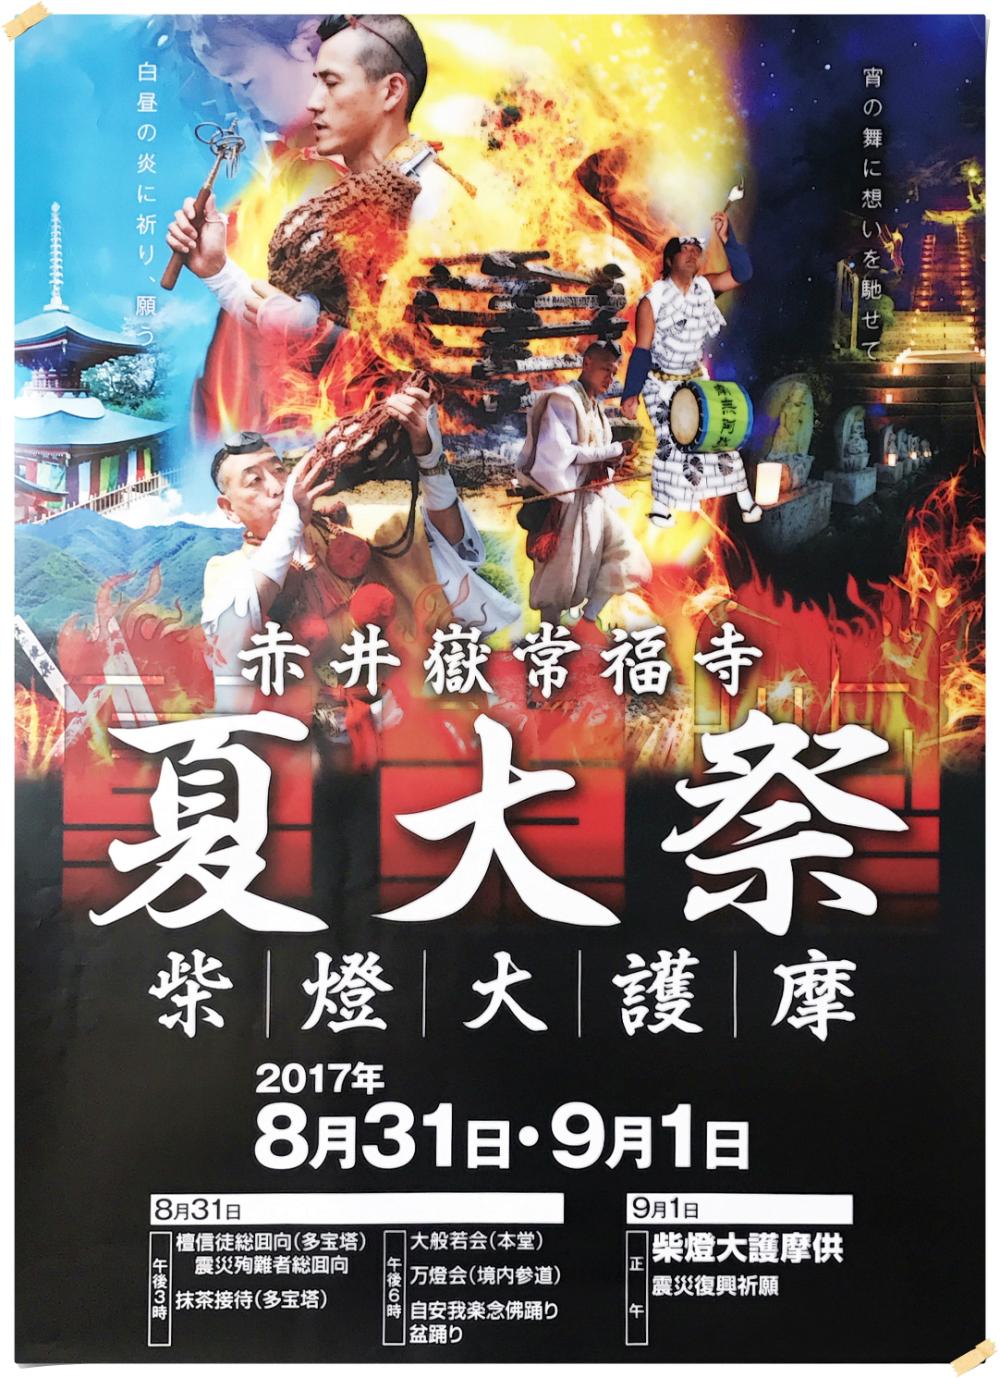 赤井嶽常福寺夏大祭「柴燈大護摩」について [平成29年8月20日(日)更新]1